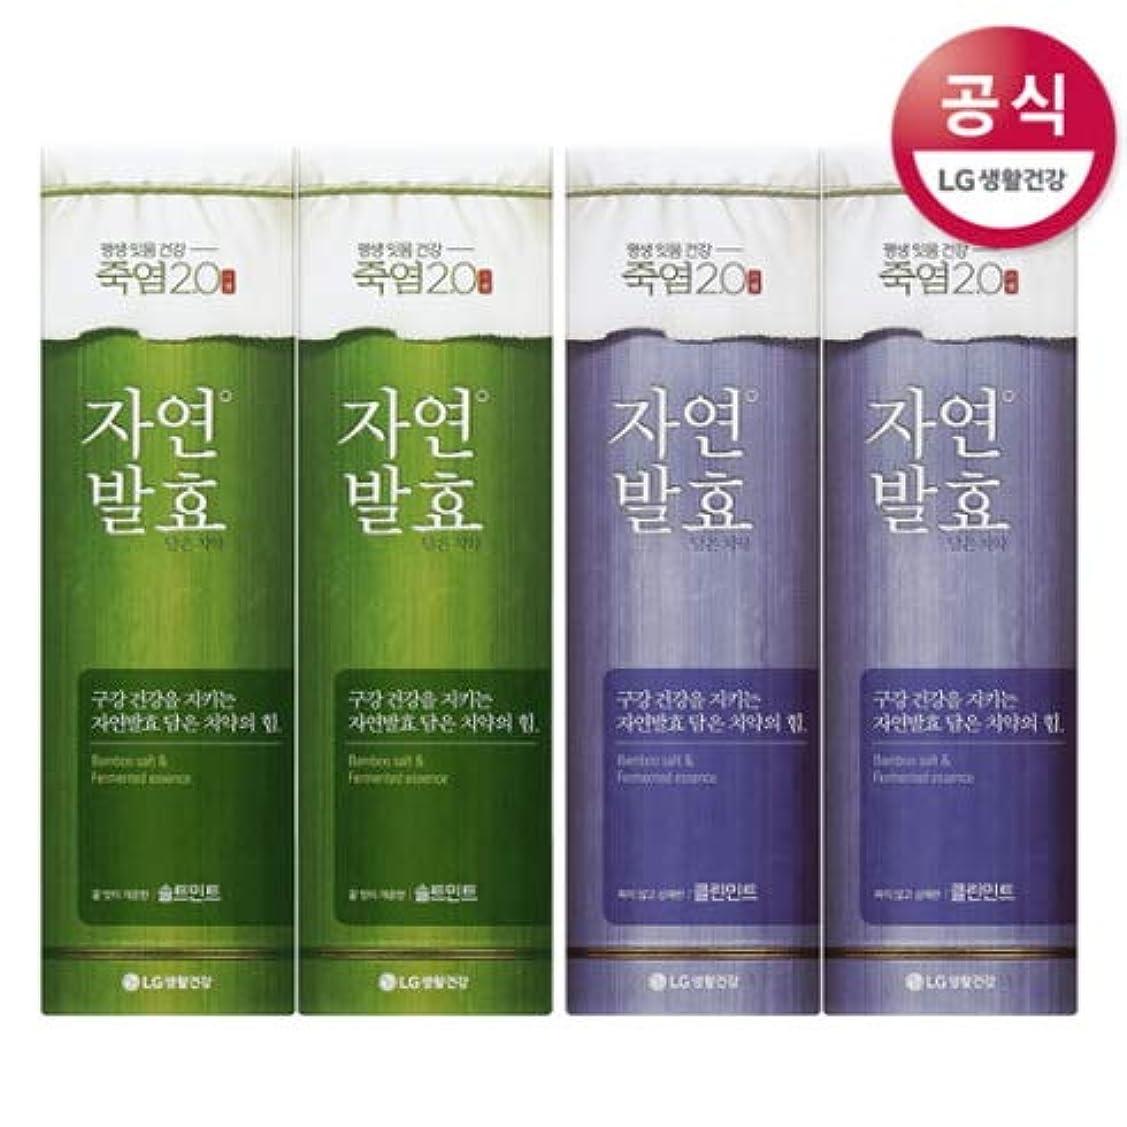 研磨とげ匹敵します[LG HnB] Bamboo salt natural fermentation toothpaste/竹塩自然発酵入れた歯磨き粉 100gx4個(海外直送品)